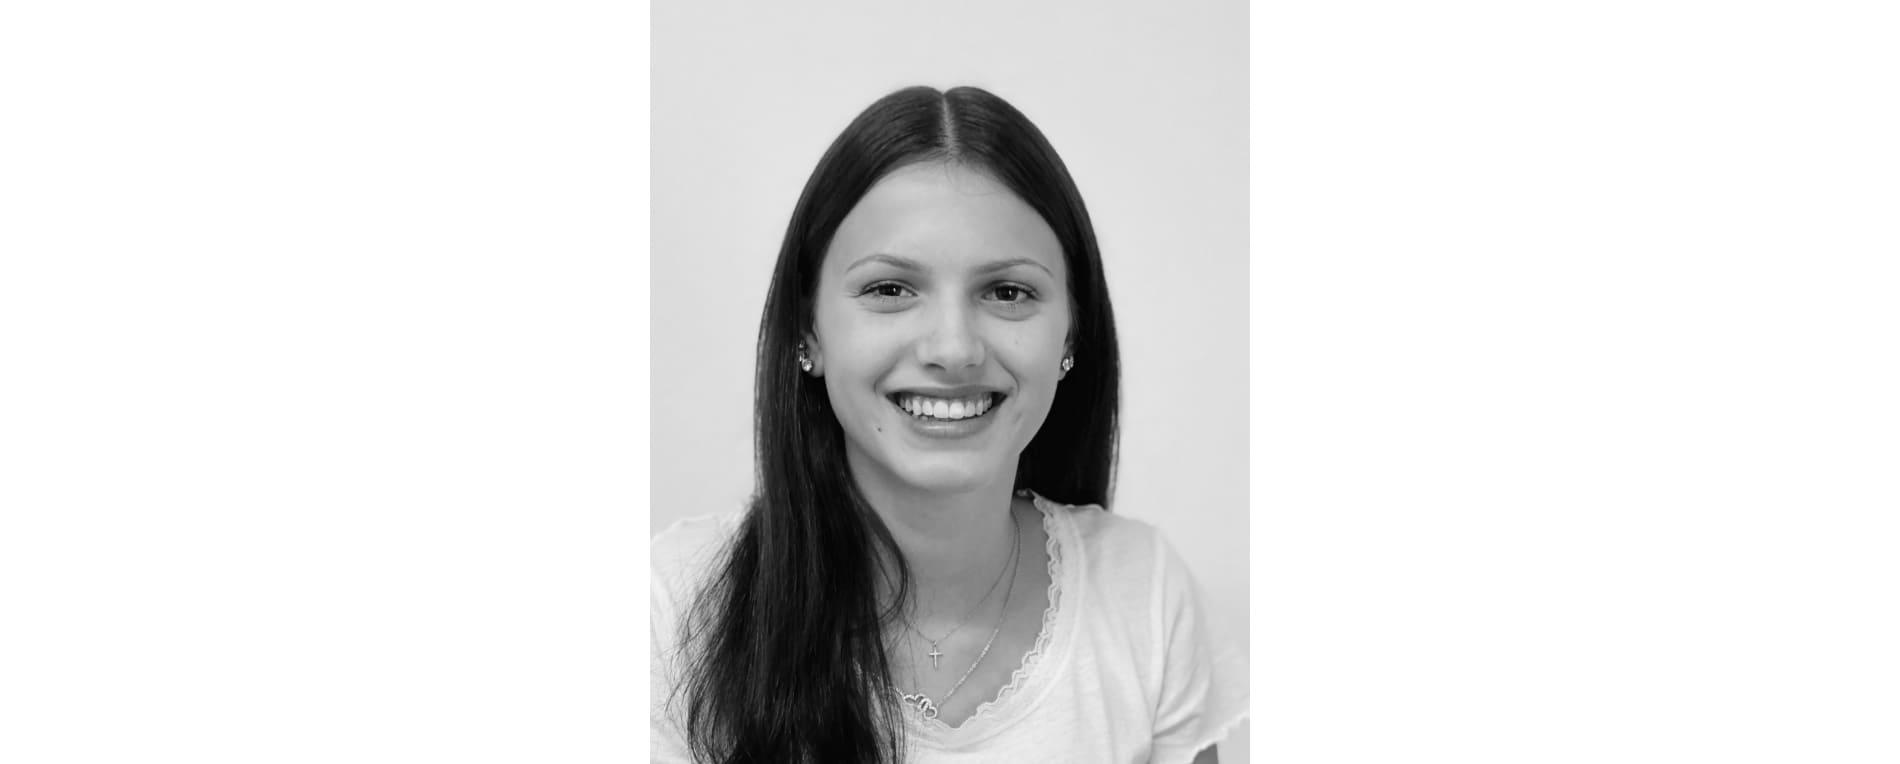 Anisha Huber ist Lehrtochter bei der HTC-Baukadervermittlung